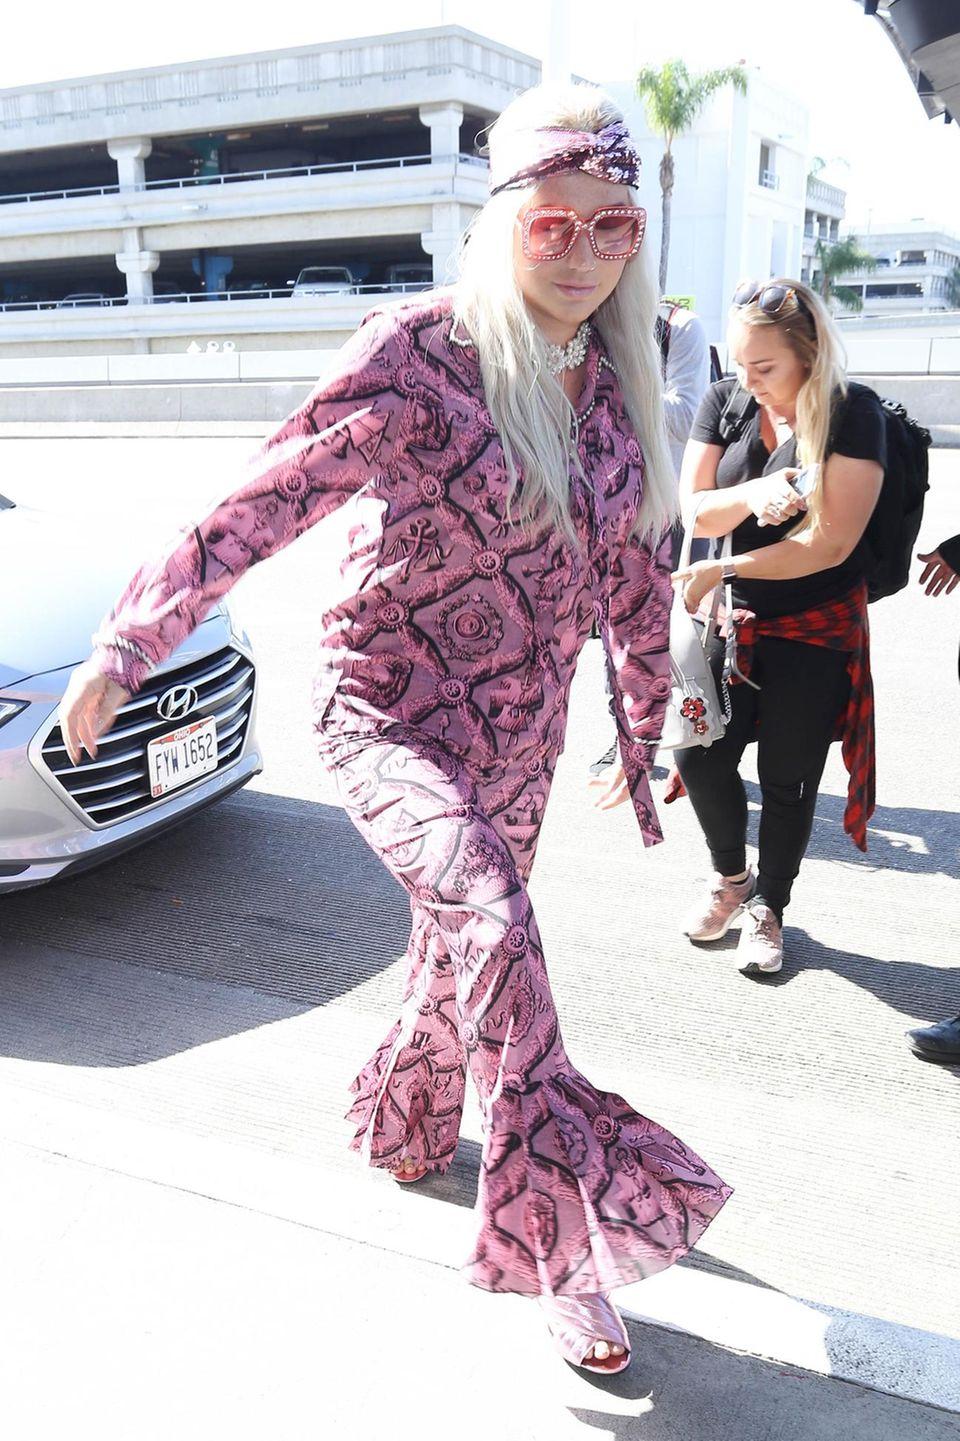 Diesen pinkfarbenen Hippie-Look kennen wir doch! Salma Hayek trug ihn schon einige Wochen vor Kesha, sehr viel stylischer sah sie darin aber leider auch nicht aus.